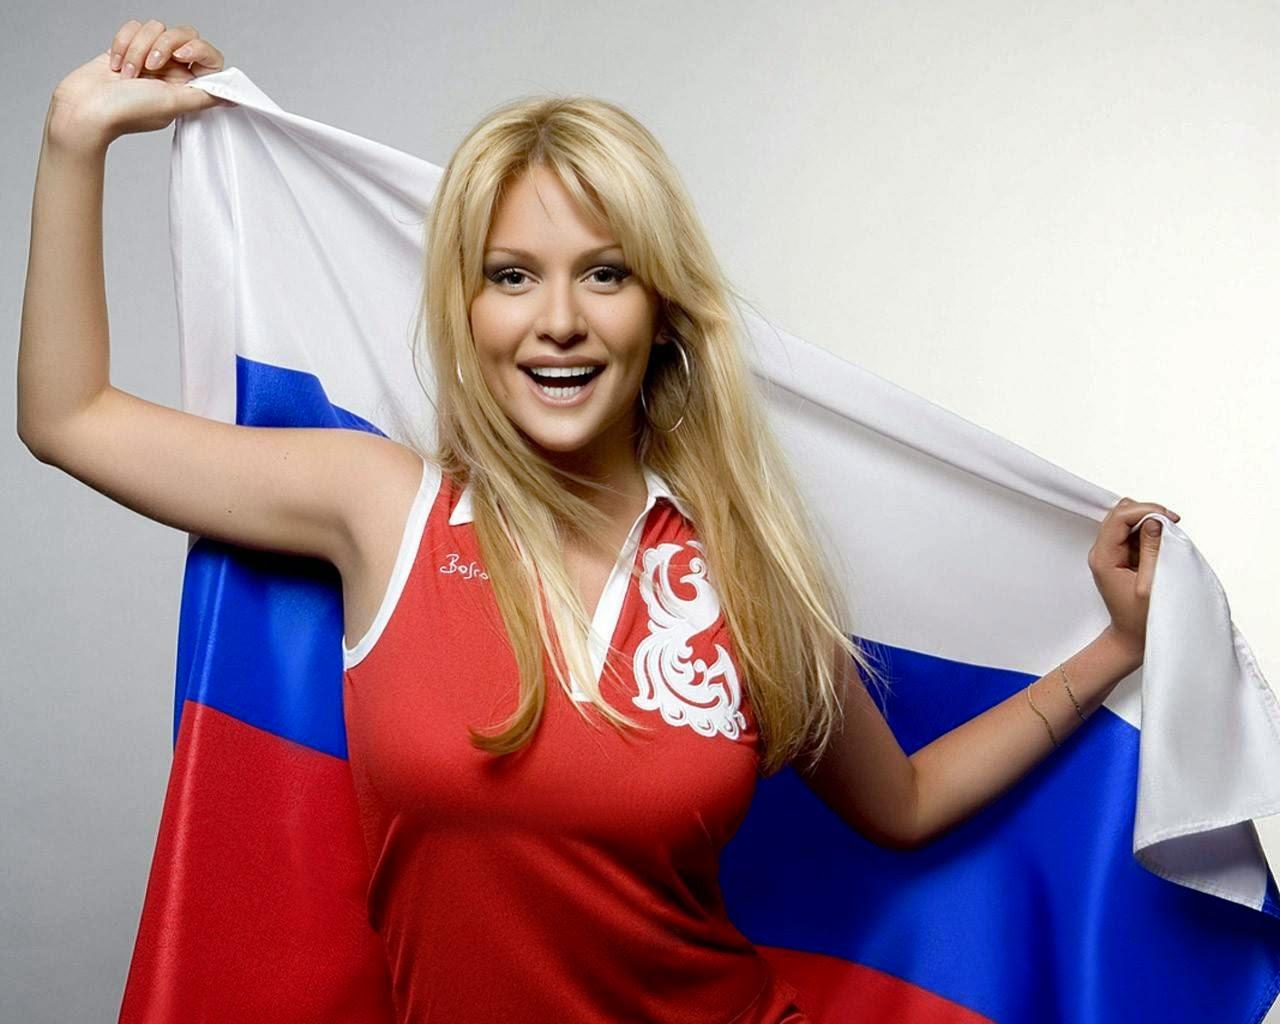 مشاهدة مباراة السعودية وروسيا يوتيوب